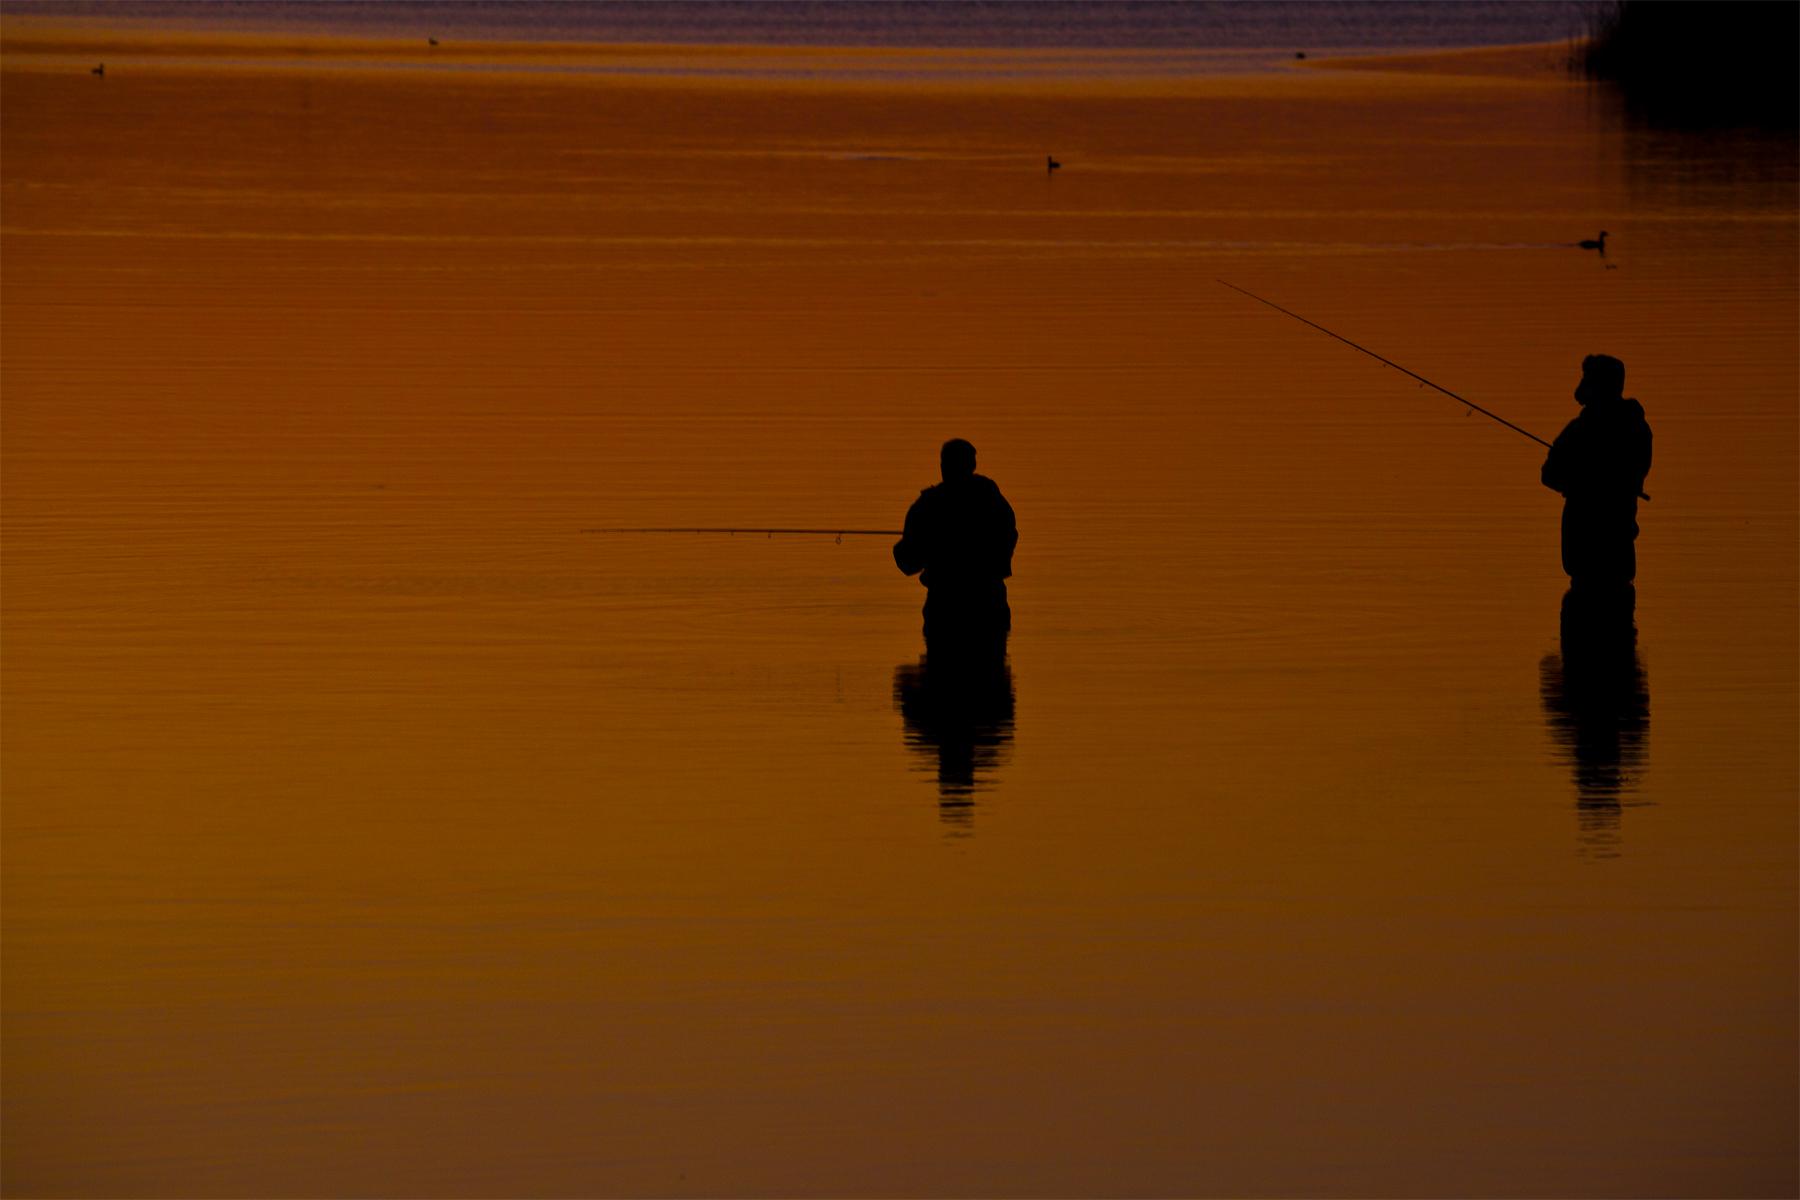 Fischer im Orange stehend